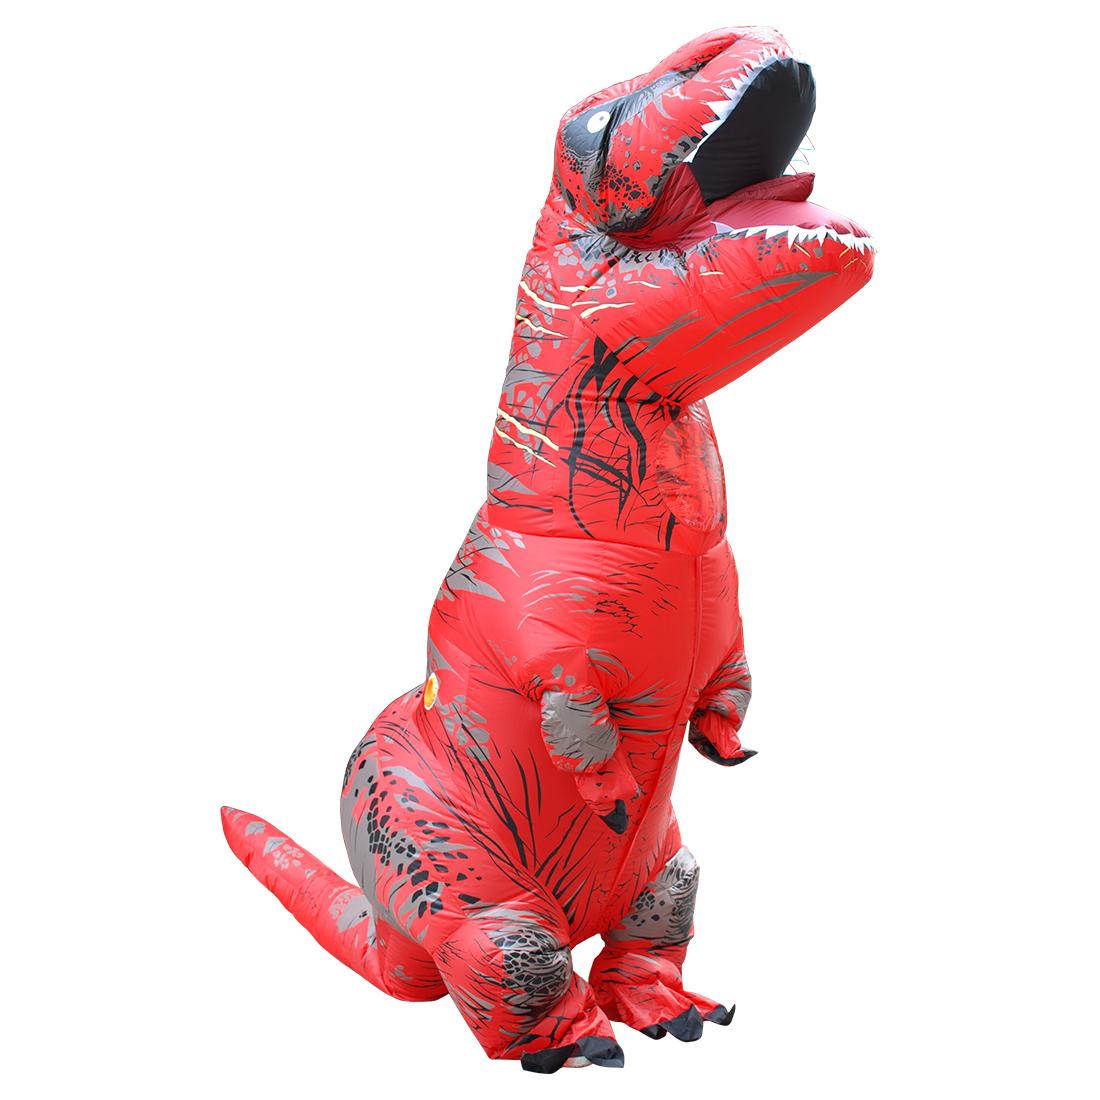 Erwachseneos Rot T-REX Kostüme Aufblasbar Dinosaurier Kostüm Halloween Faschingskostüme Karneval